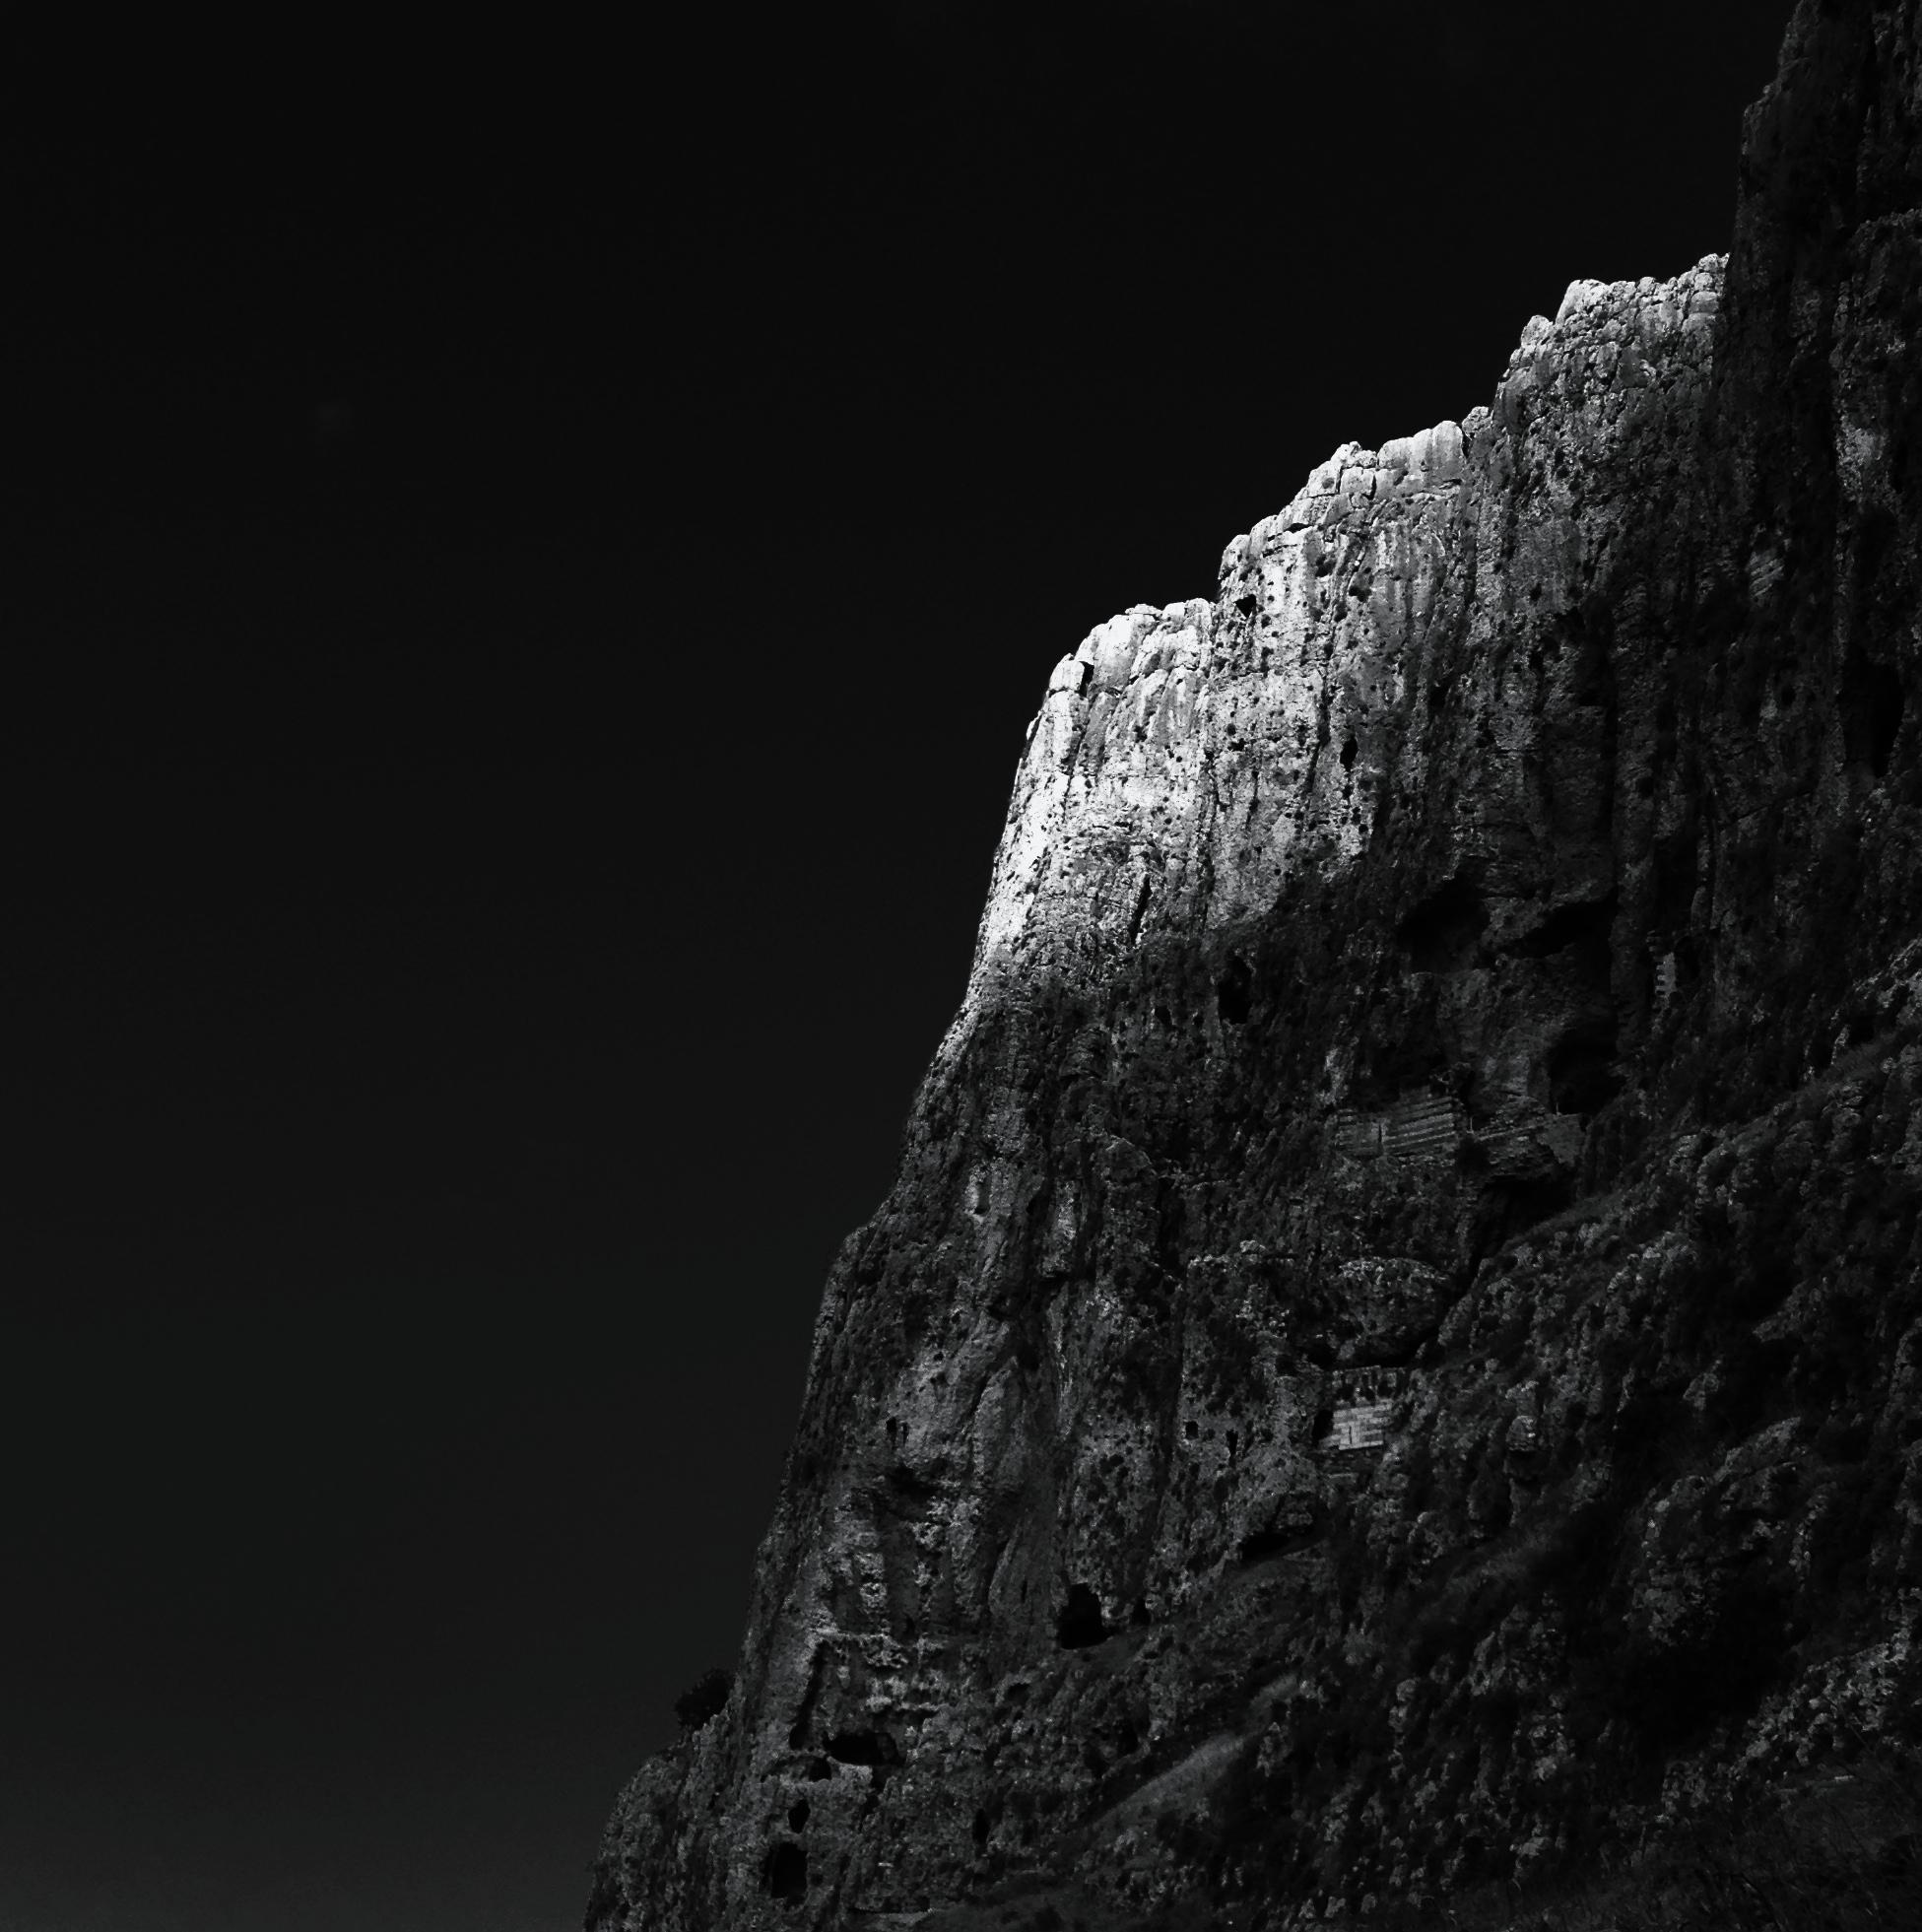 Mt. Nitai